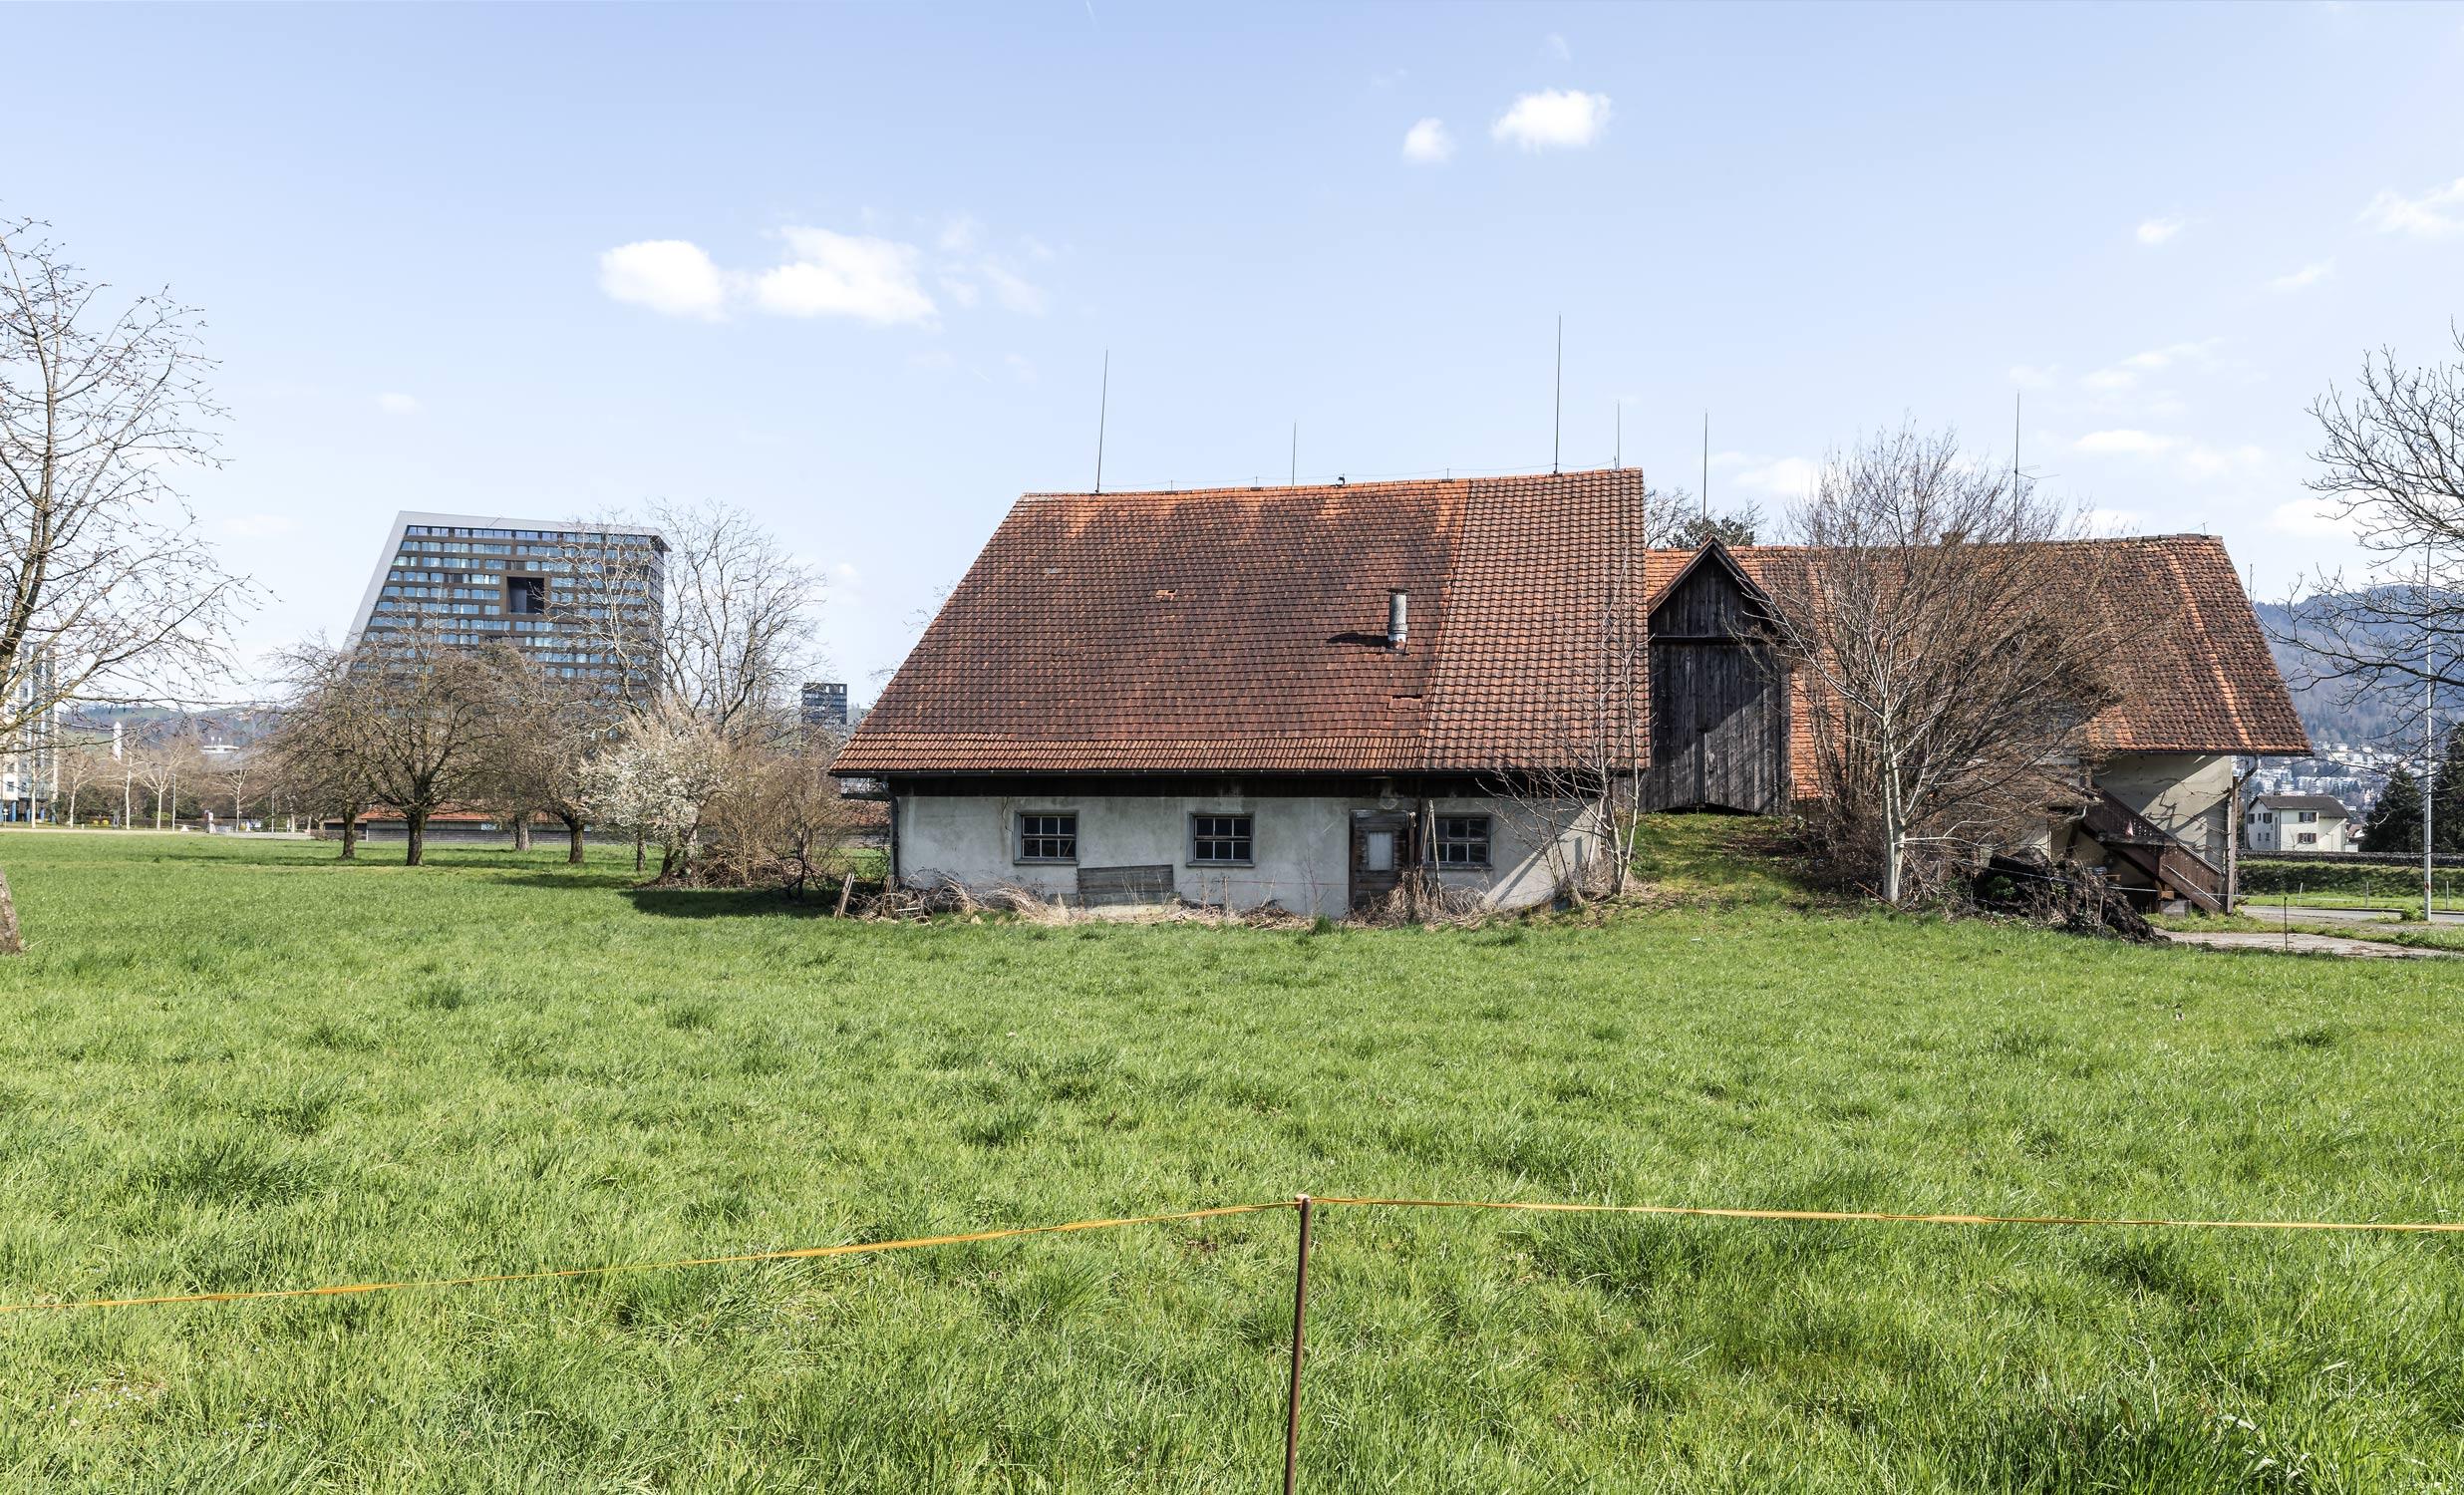 Bauernhof vor Uptown Stadt Zug Fotografie Regine Giesecke